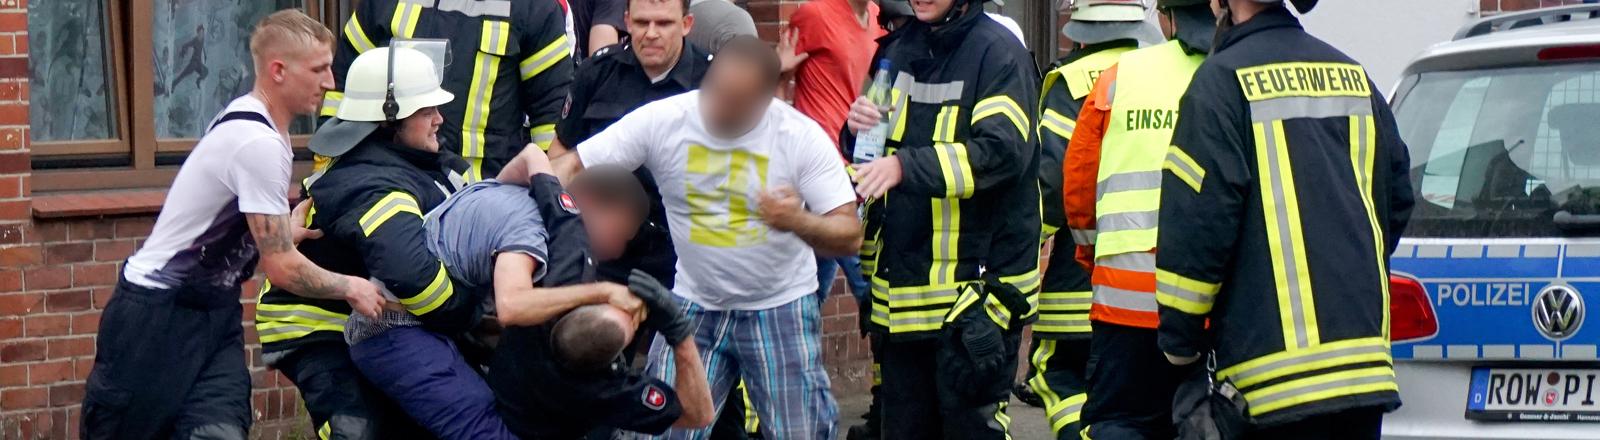 In Bremervörde geraten Polizisten und Rettungskräfte mit Gaffern aneinander.